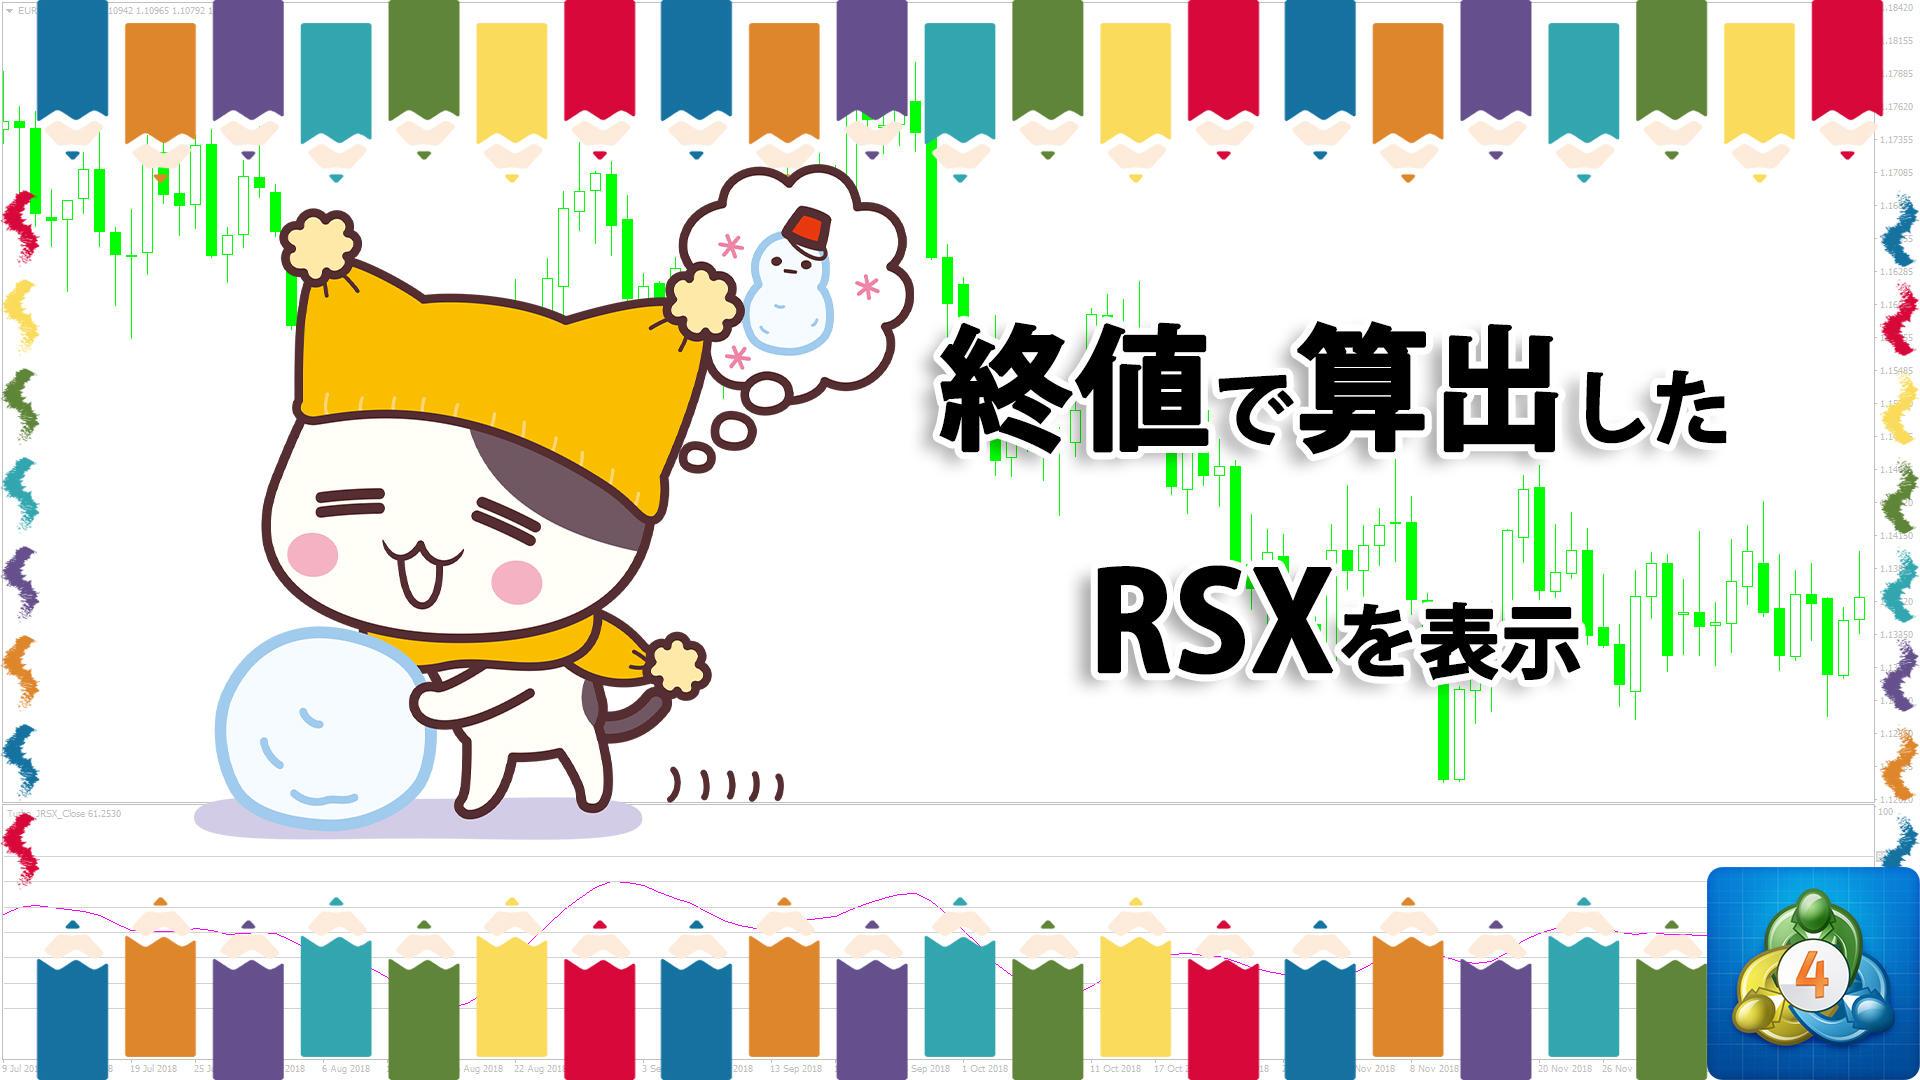 終値で算出したRSXを表示するMT4インジケーター「Turbo_JRSX_Close」